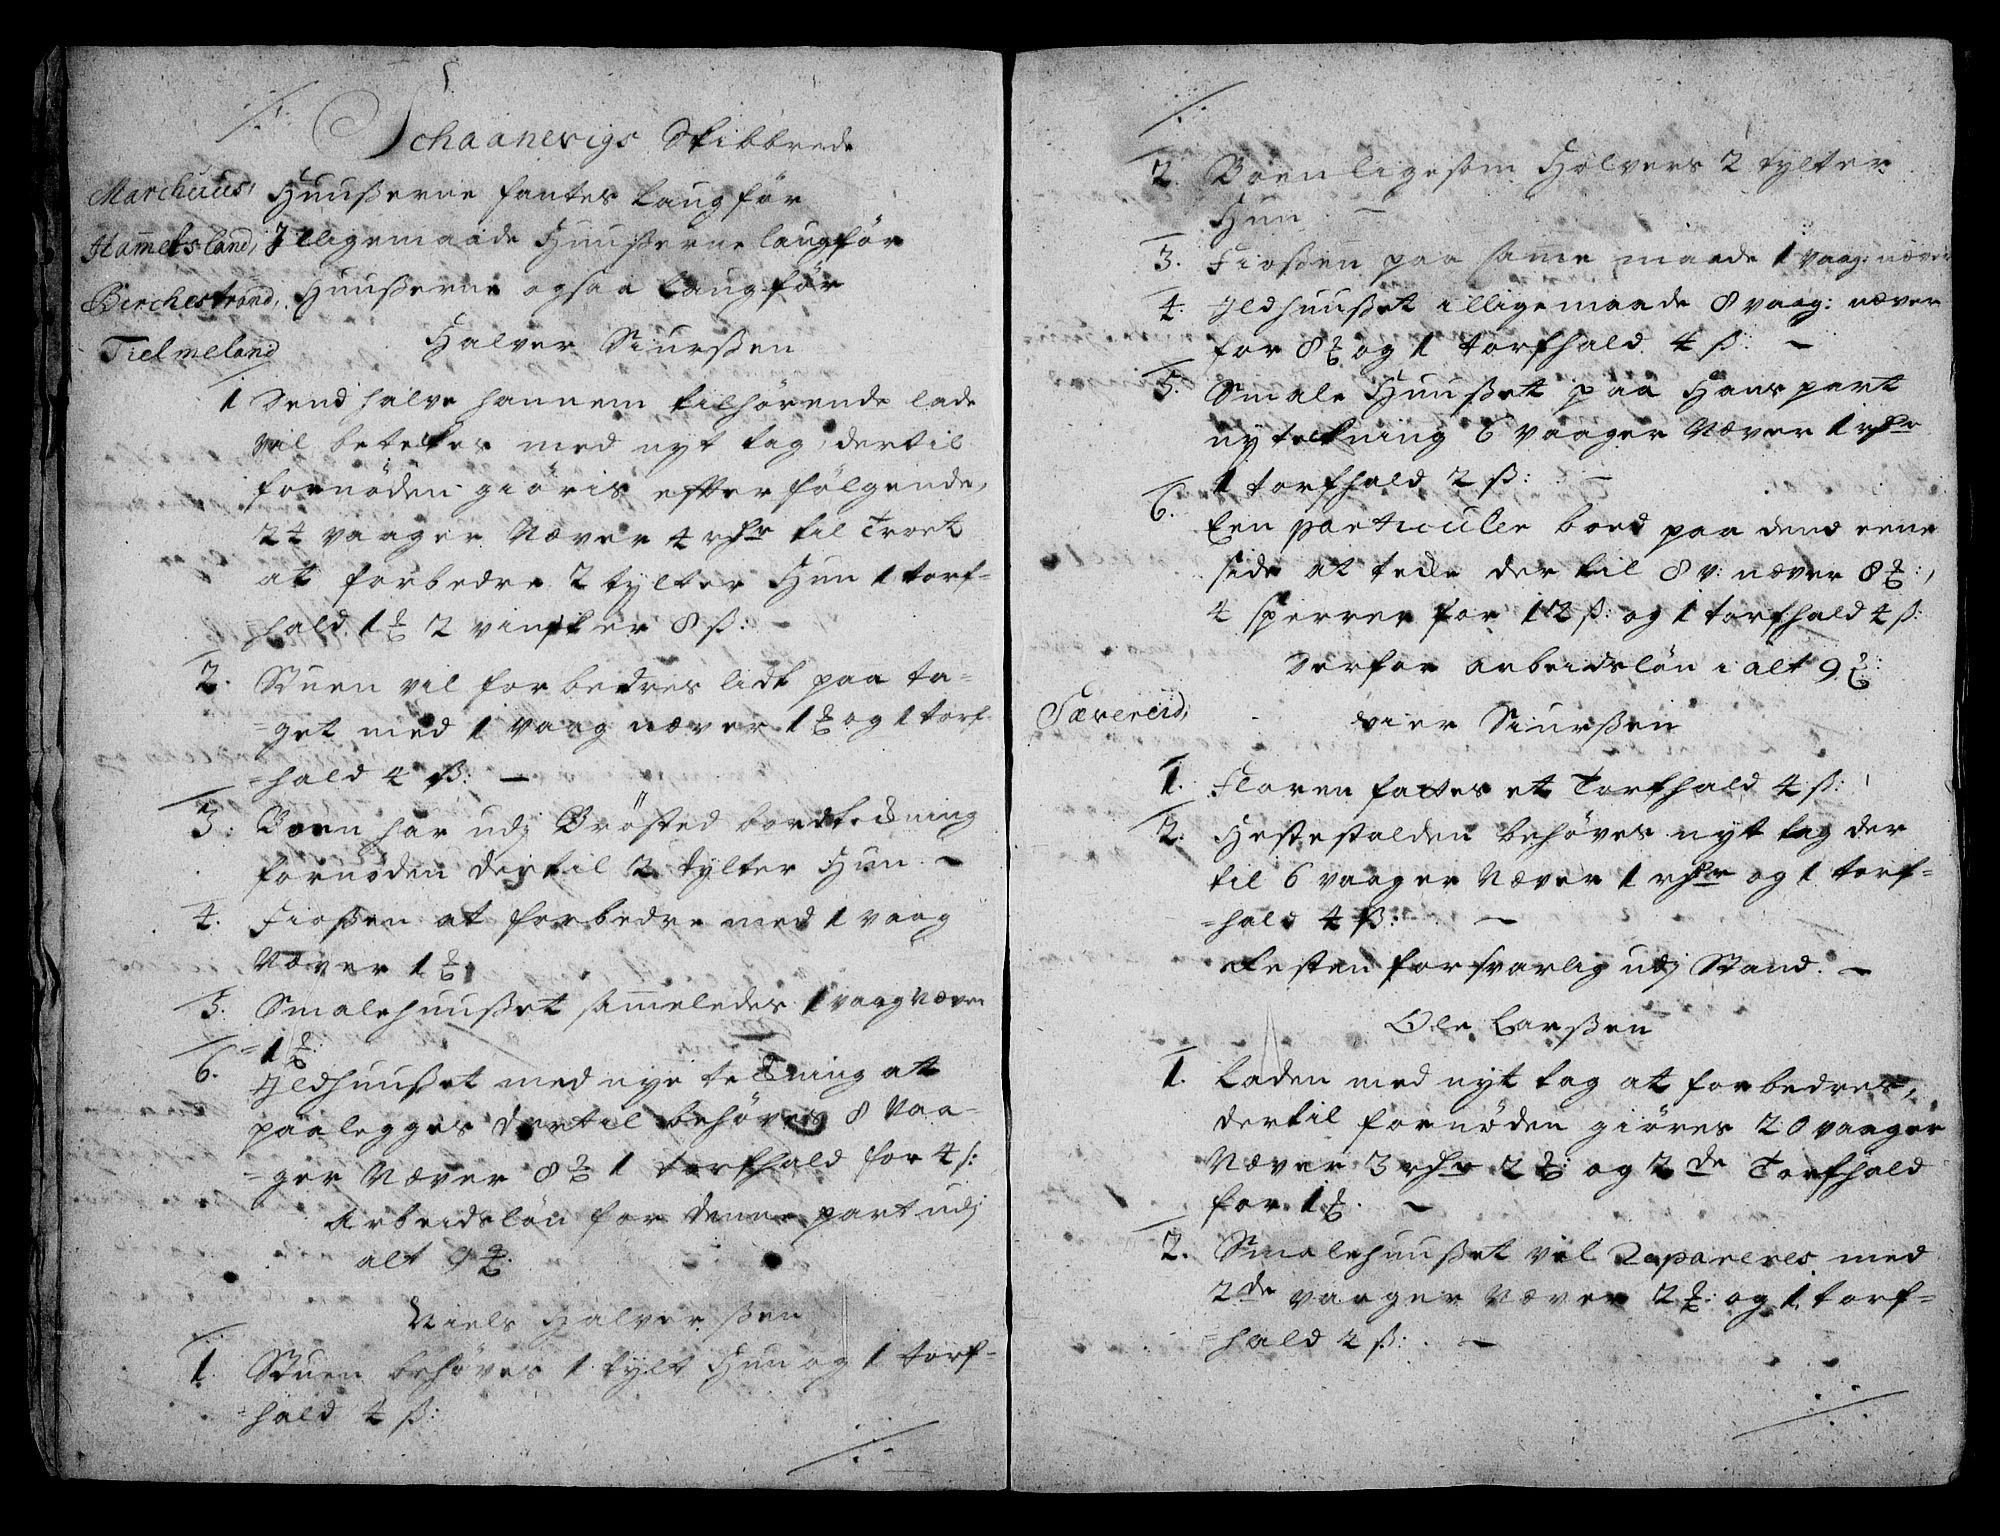 RA, Rentekammeret inntil 1814, Realistisk ordnet avdeling, On/L0003: [Jj 4]: Kommisjonsforretning over Vilhelm Hanssøns forpaktning av Halsnøy klosters gods, 1721-1729, s. 4